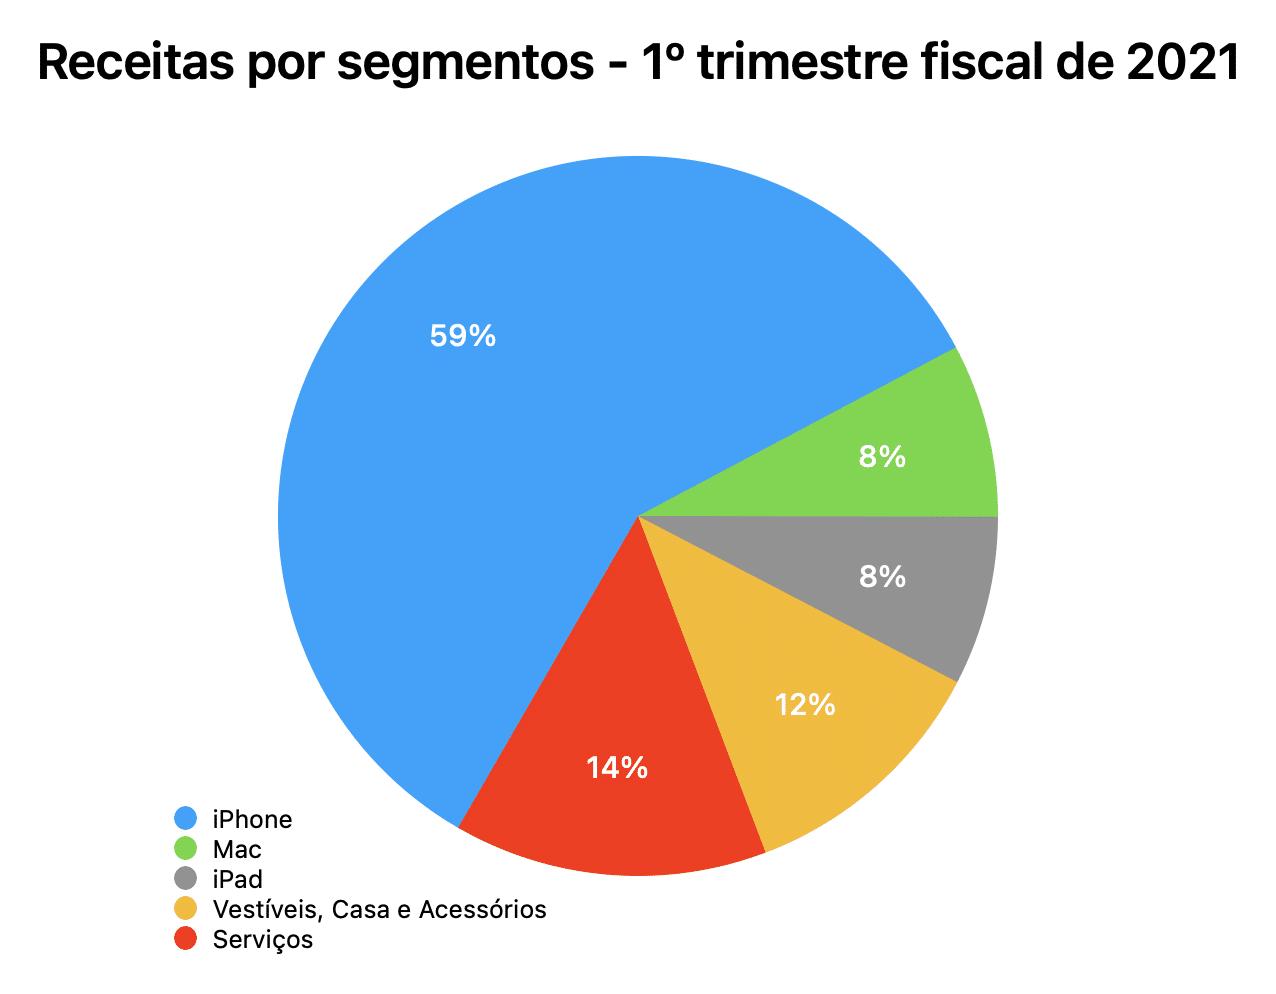 Gráficos do 1º trimestre fiscal de 2021 da Apple